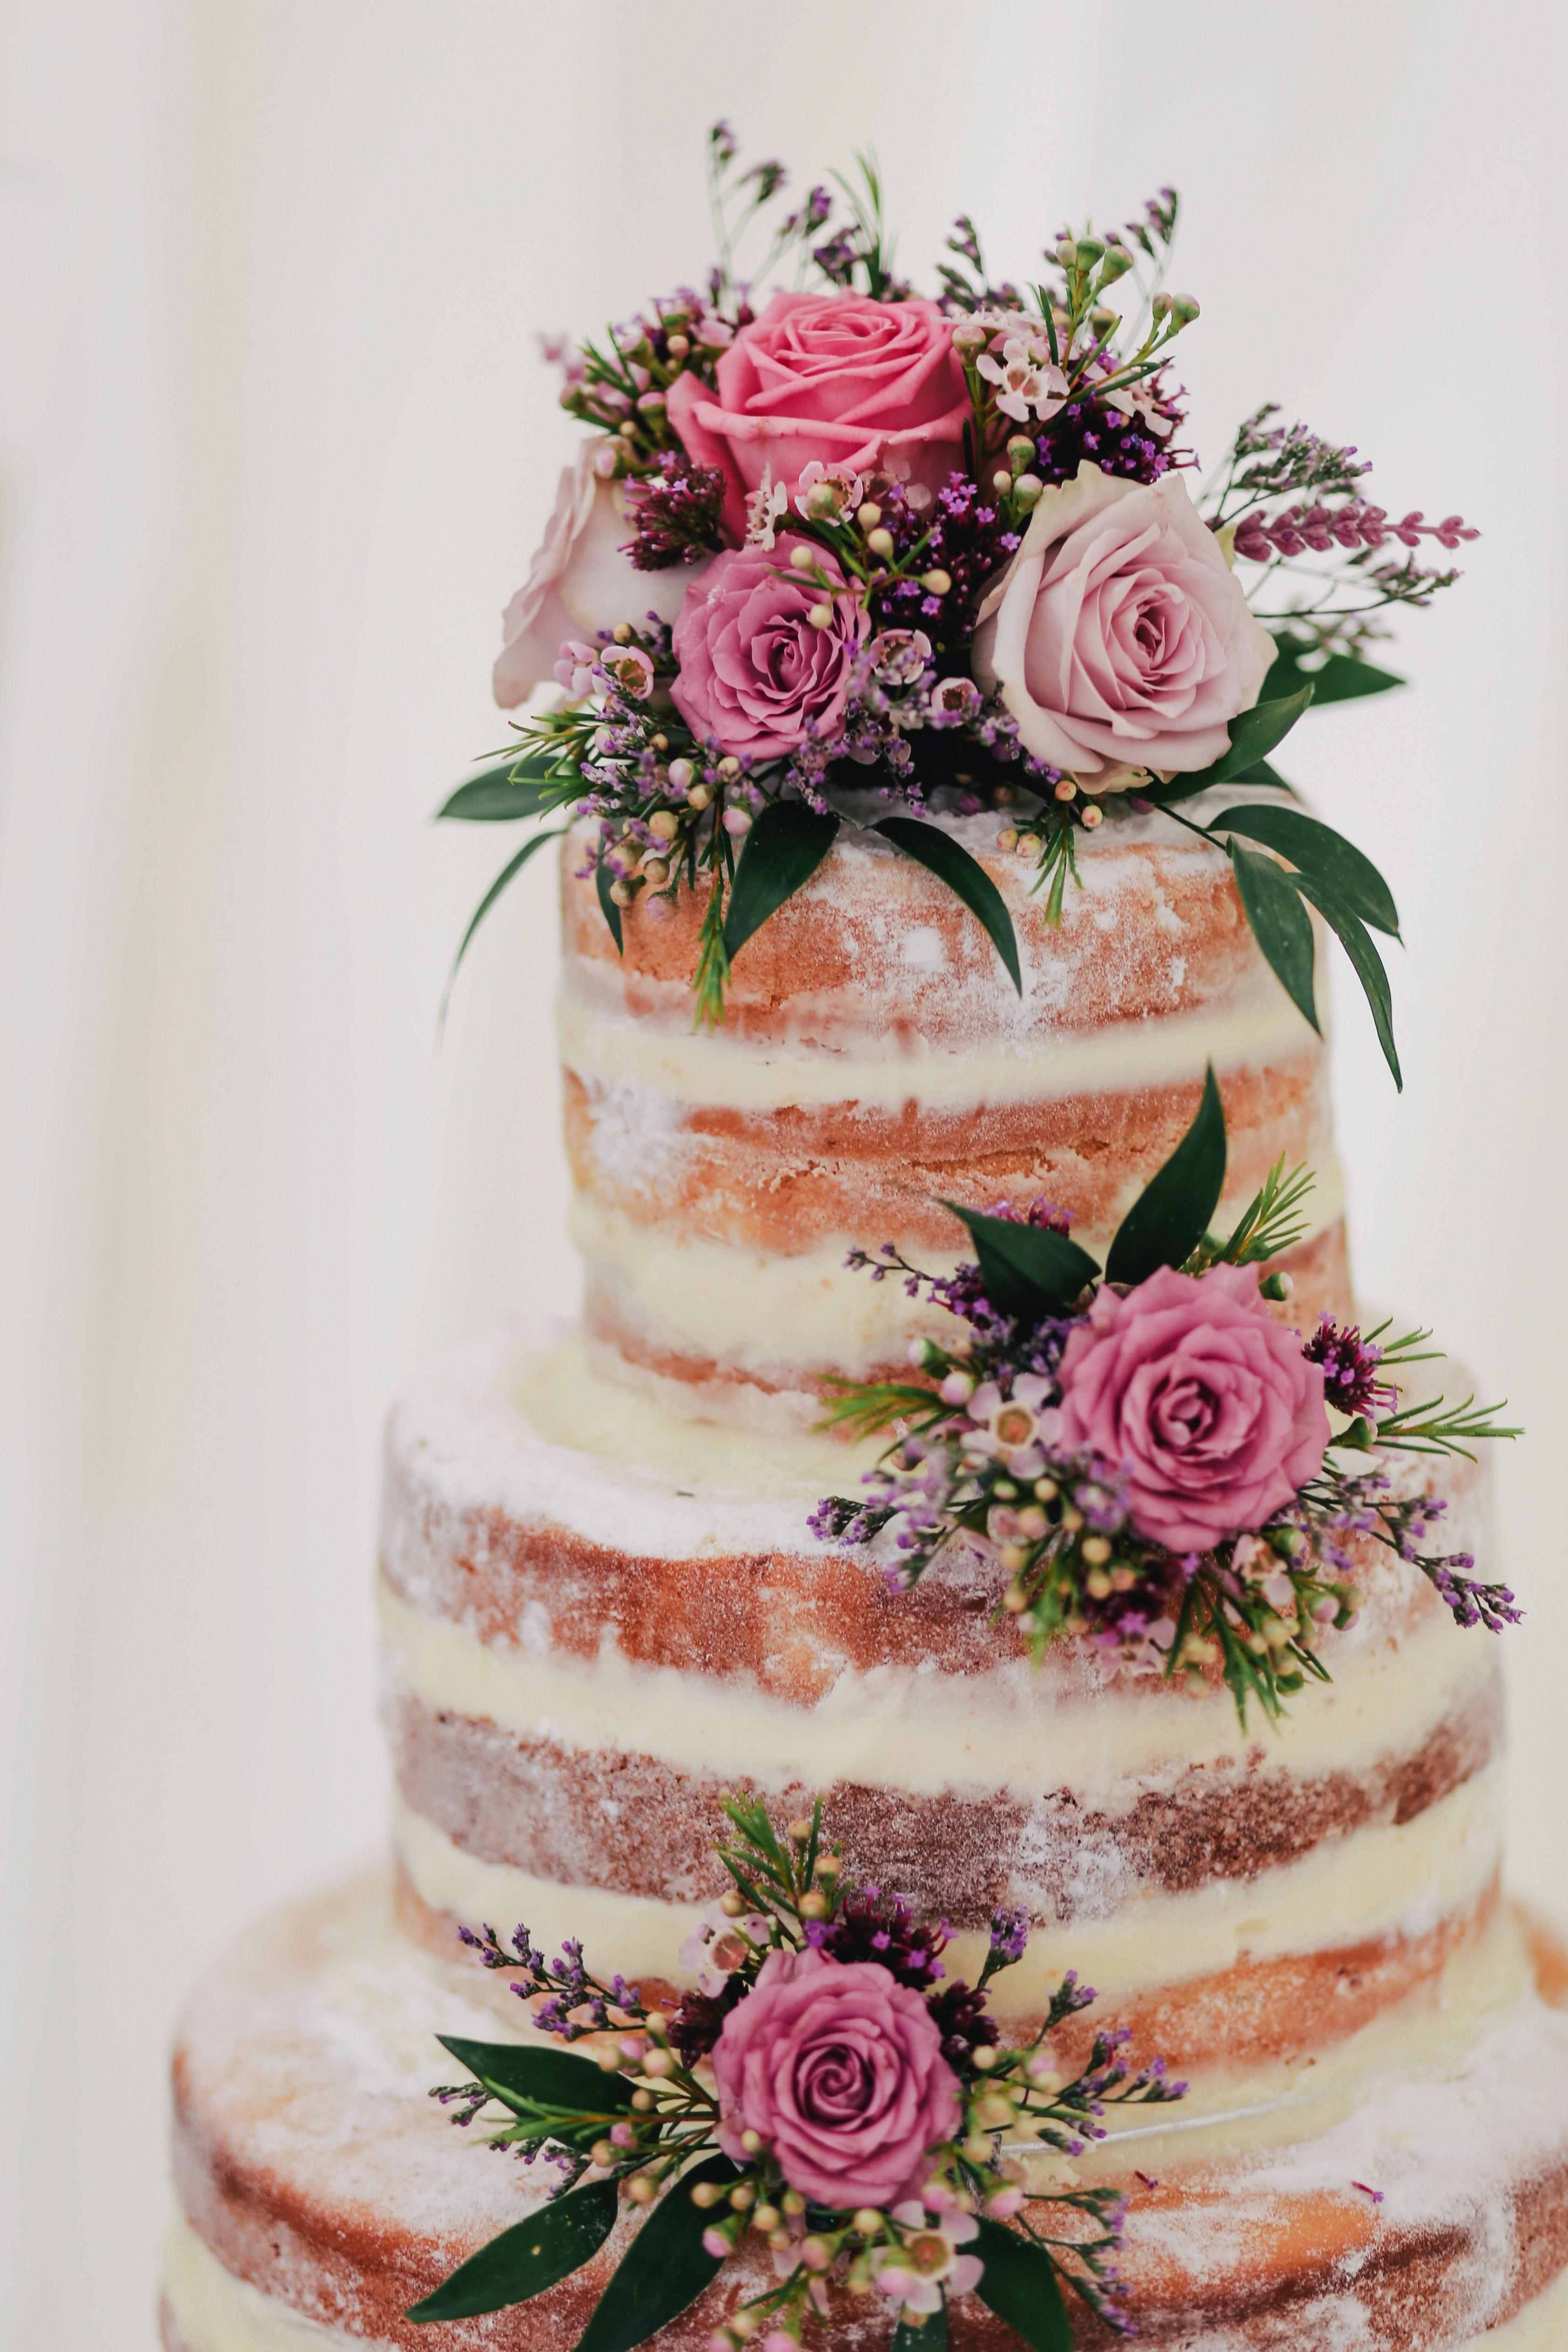 Emeletes esküvői tortacsodák – nyerj ihletet a Nagy Naphoz!